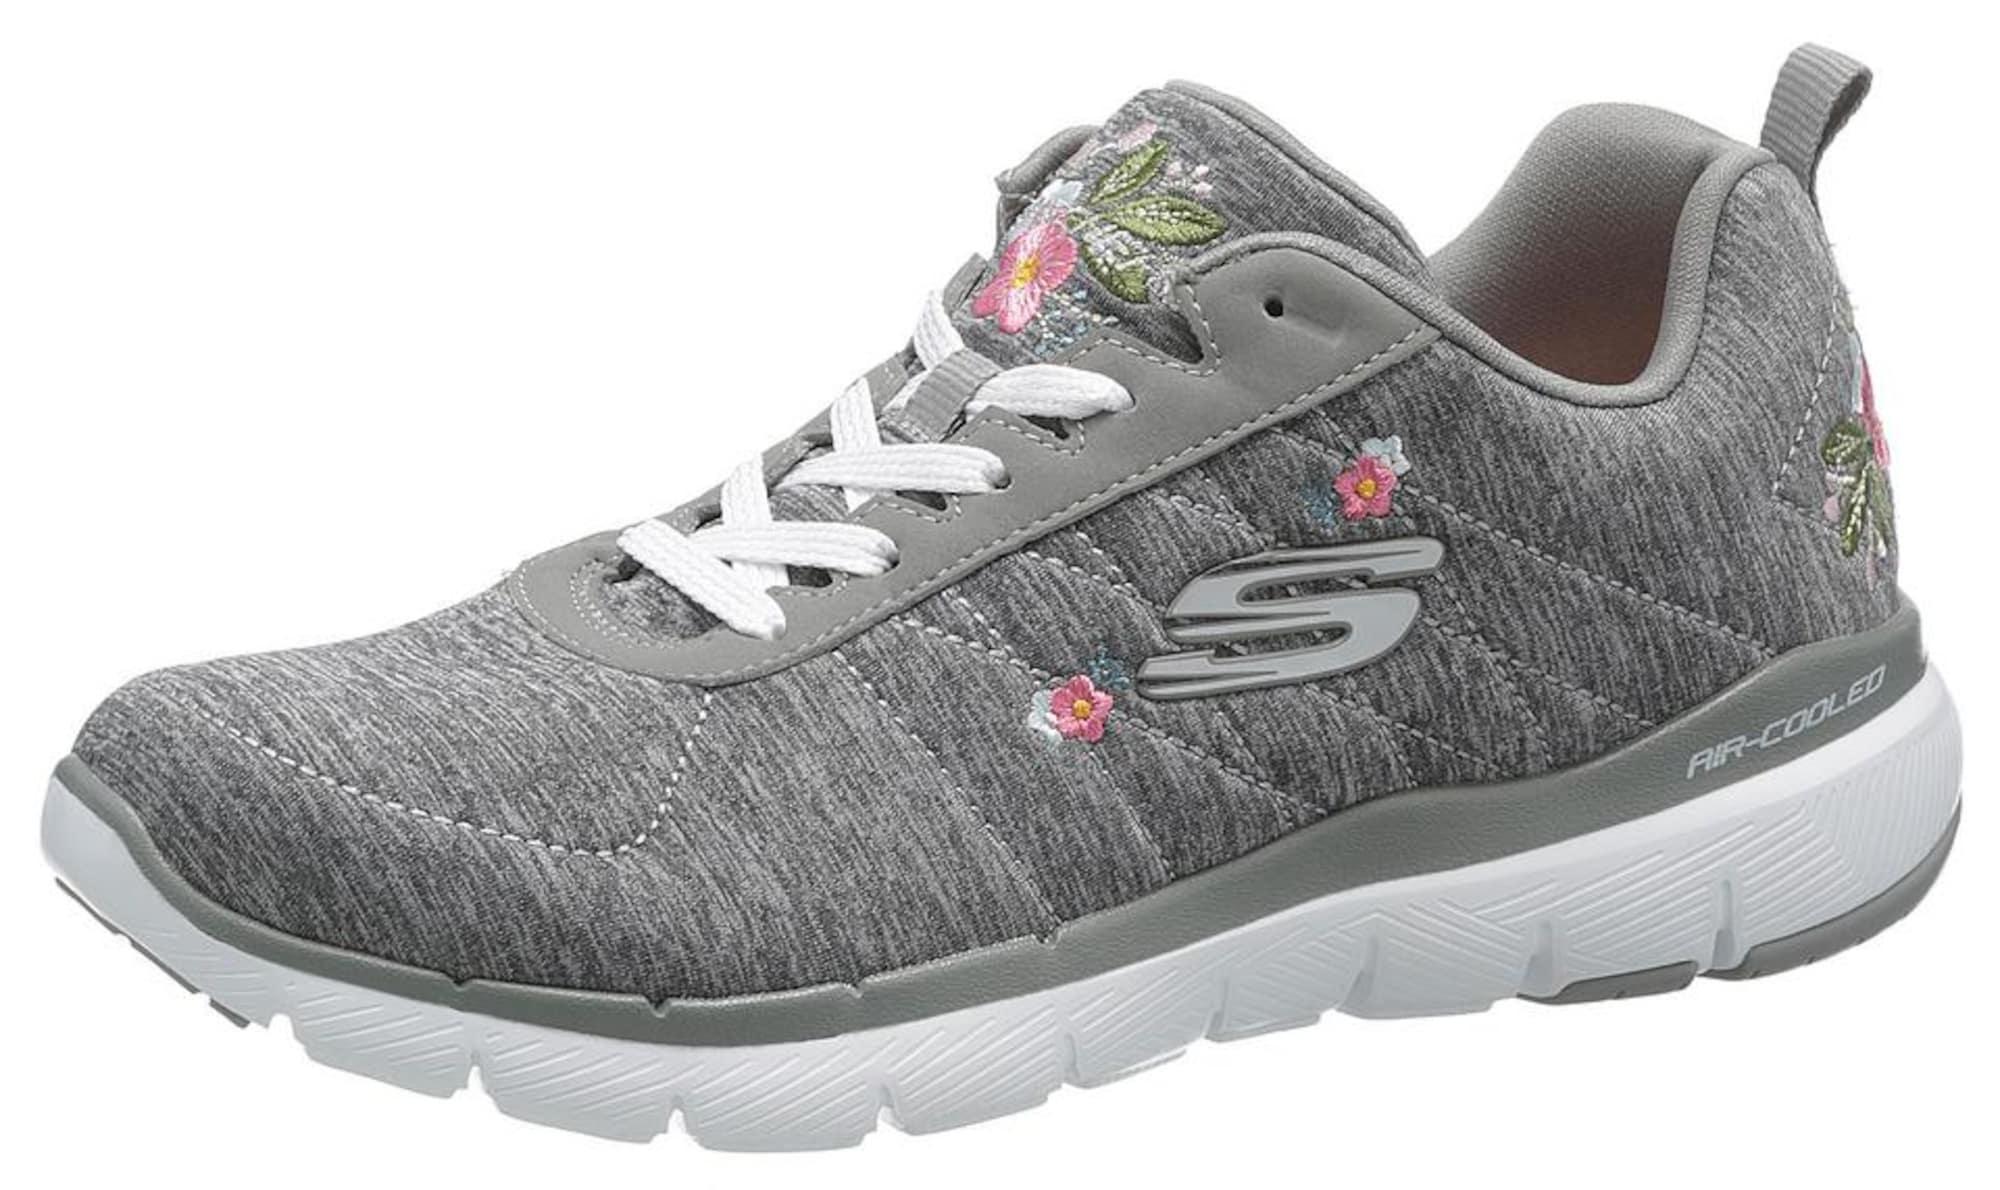 buy popular f98bf 3e7b7 AboutYou Damen Skechers Sneaker 'Flex Appeal 3.0' grau, grün, pink, weiß |  00192283979132